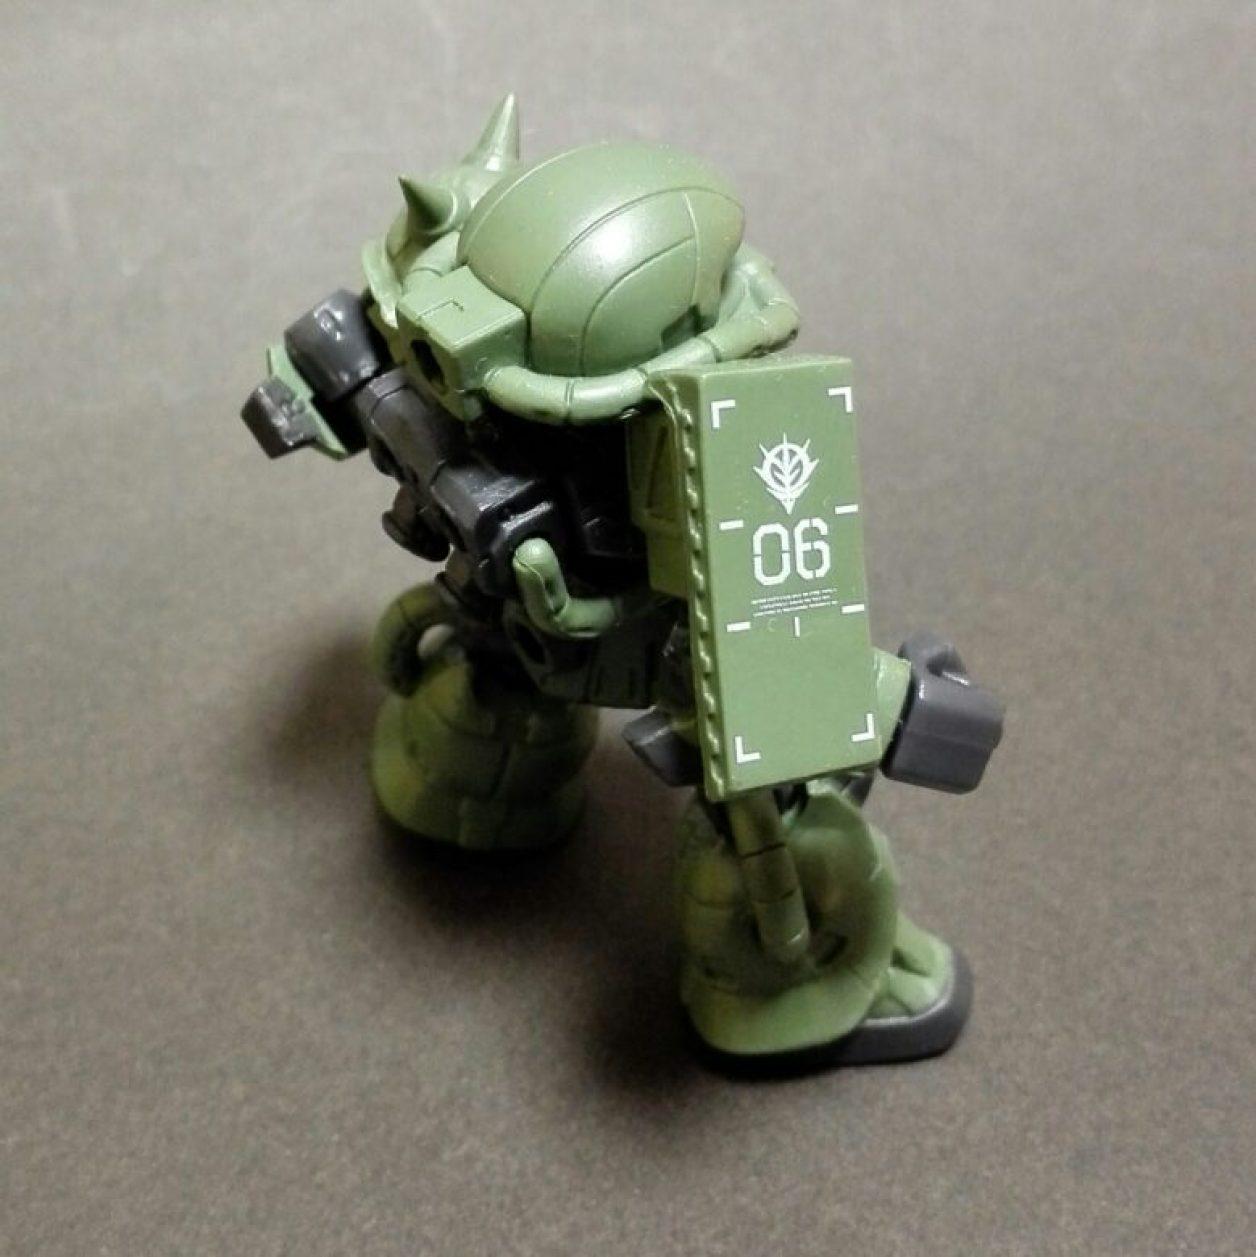 mobile suit ensemble(モビルスーツアンサンブル)1.5弾のザク(マーキングプラス)の画像